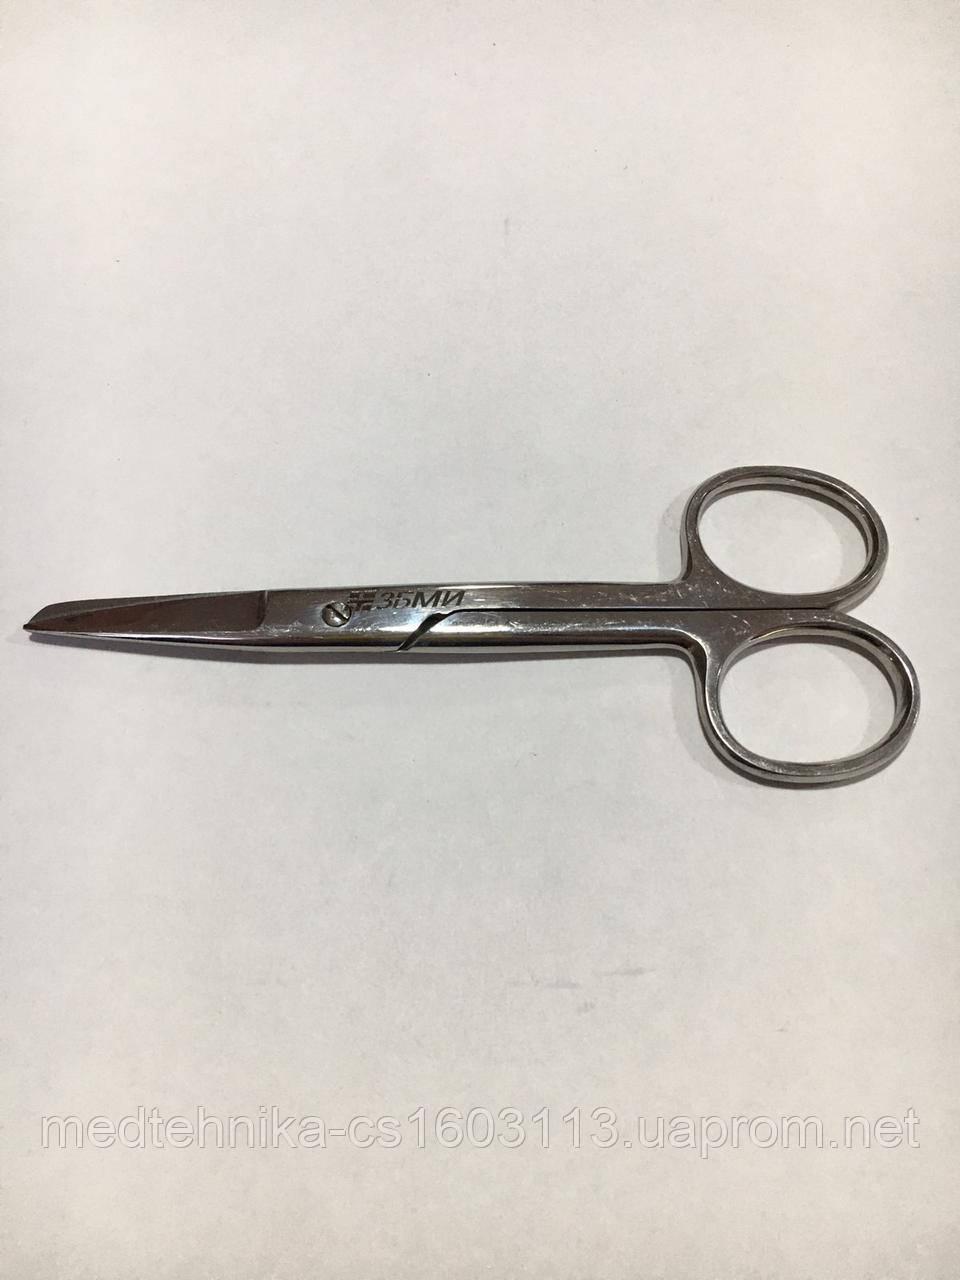 Ножницы хирургические с одним острым концом прямые для детей 125мм